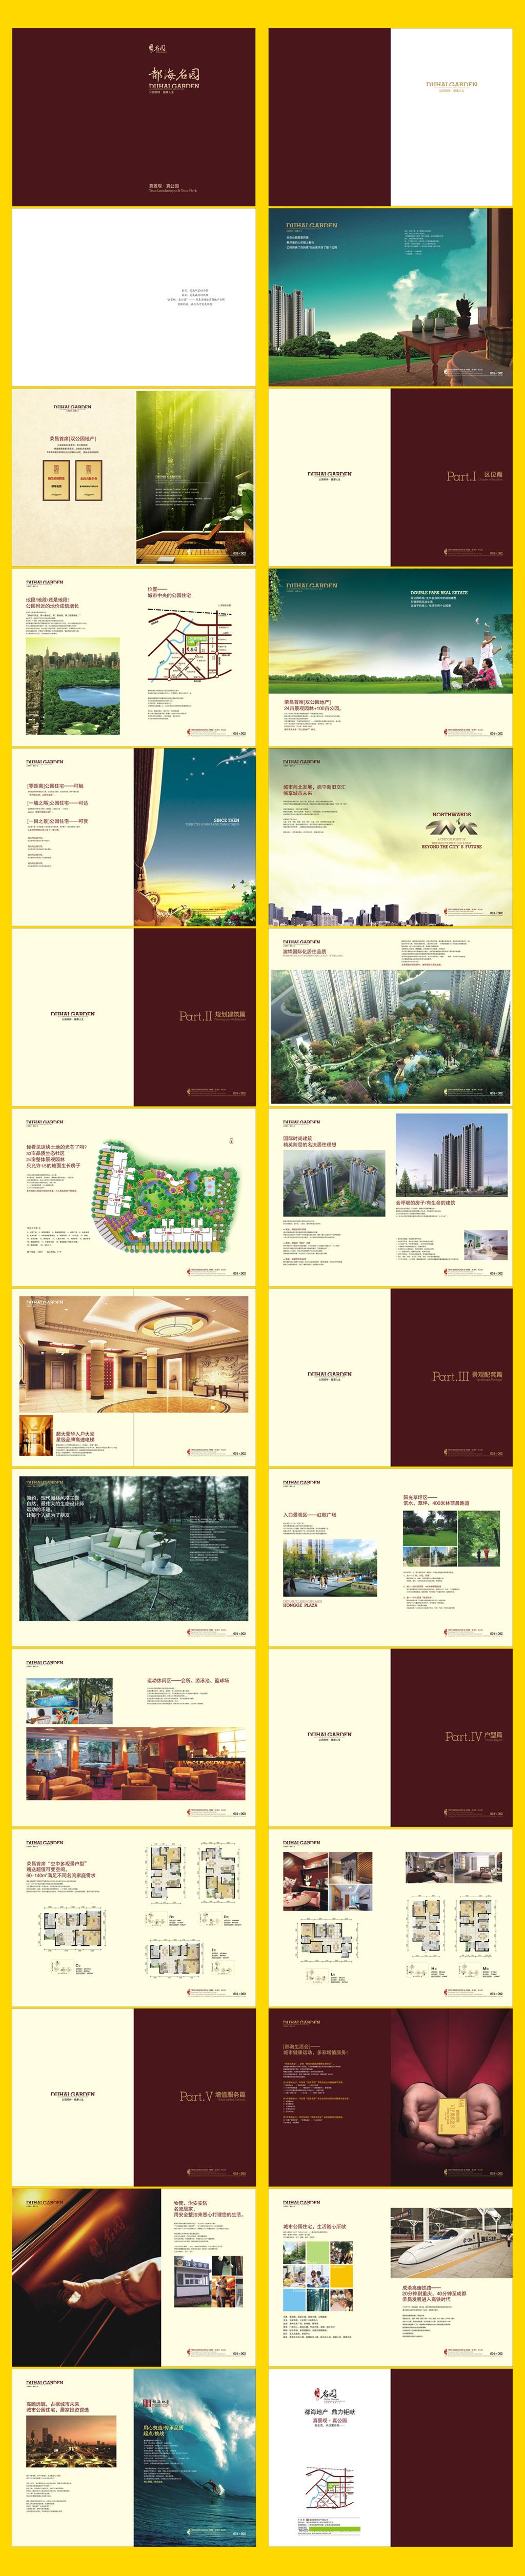 地产项目招商手册宣传册设计模板下载